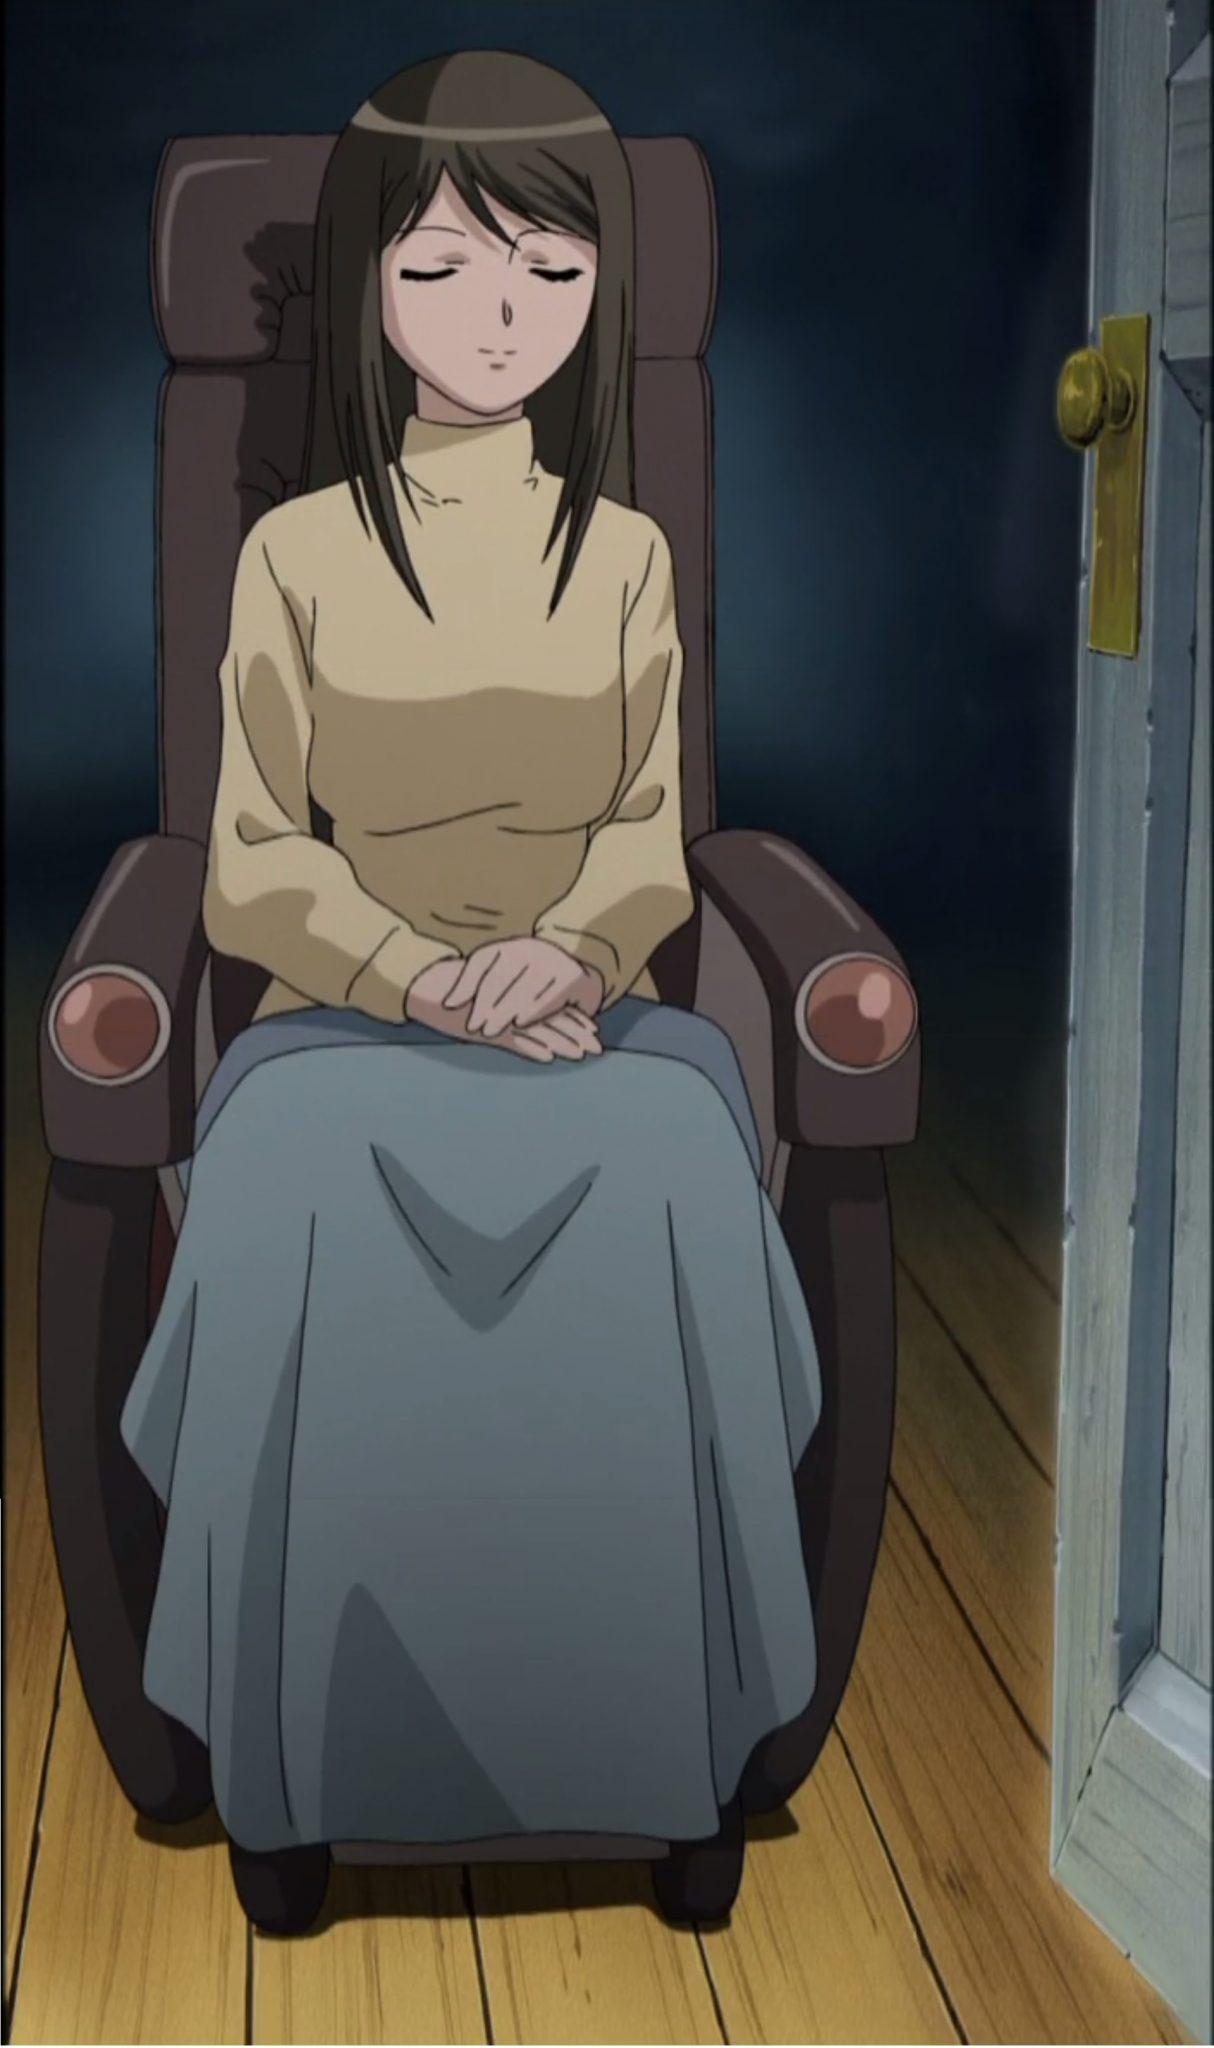 TVアニメ「SoltyRei(ソルティーレイ)」(2005年) ep6